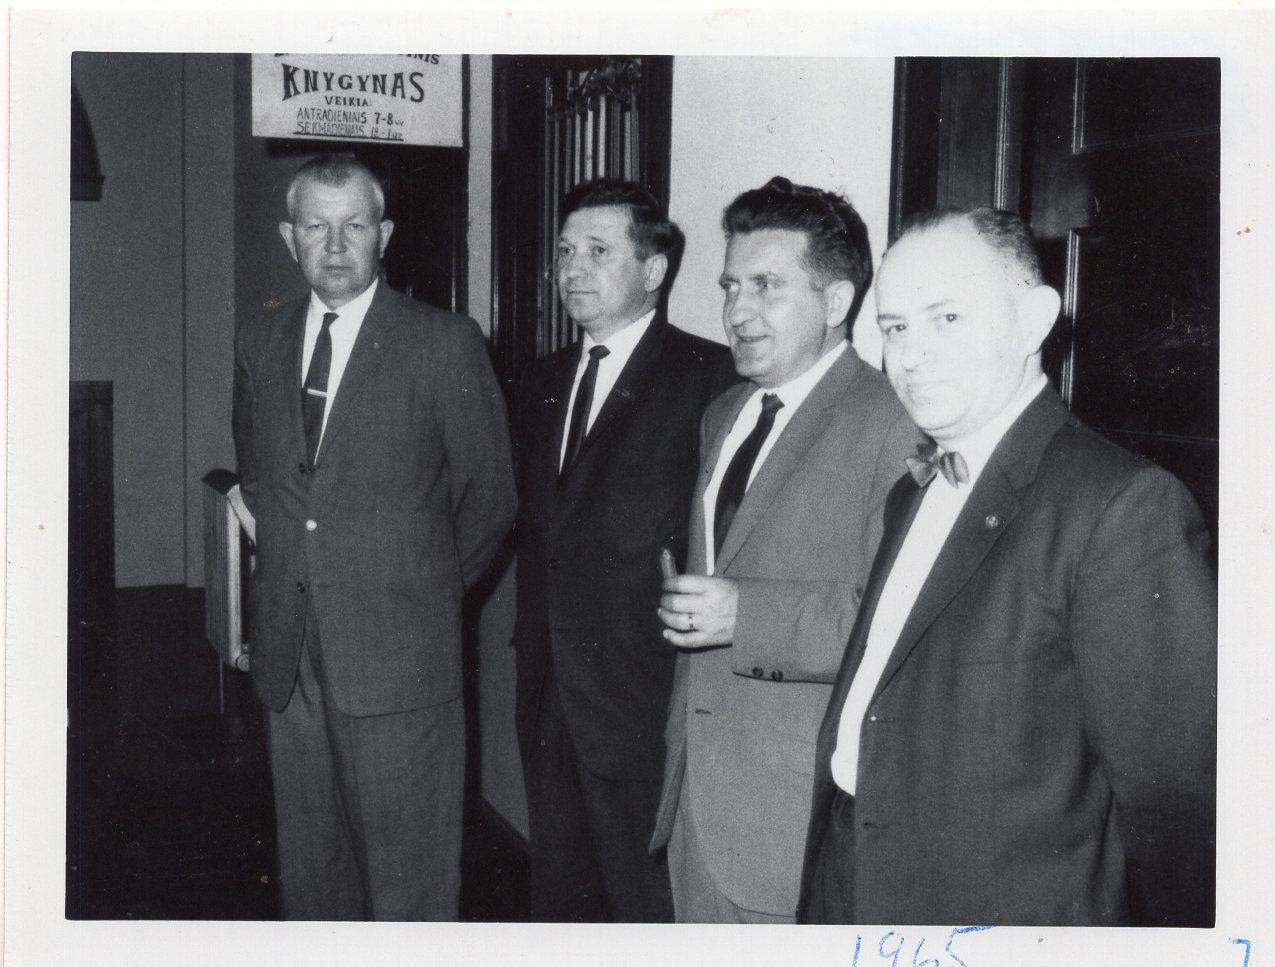 Lietuvių bendruomenės suvažiavimas Baltimorėje. Iš dešinės A. Radžius, V. Volertas, než. asmenys. 1965 m. gegužės 1 d.